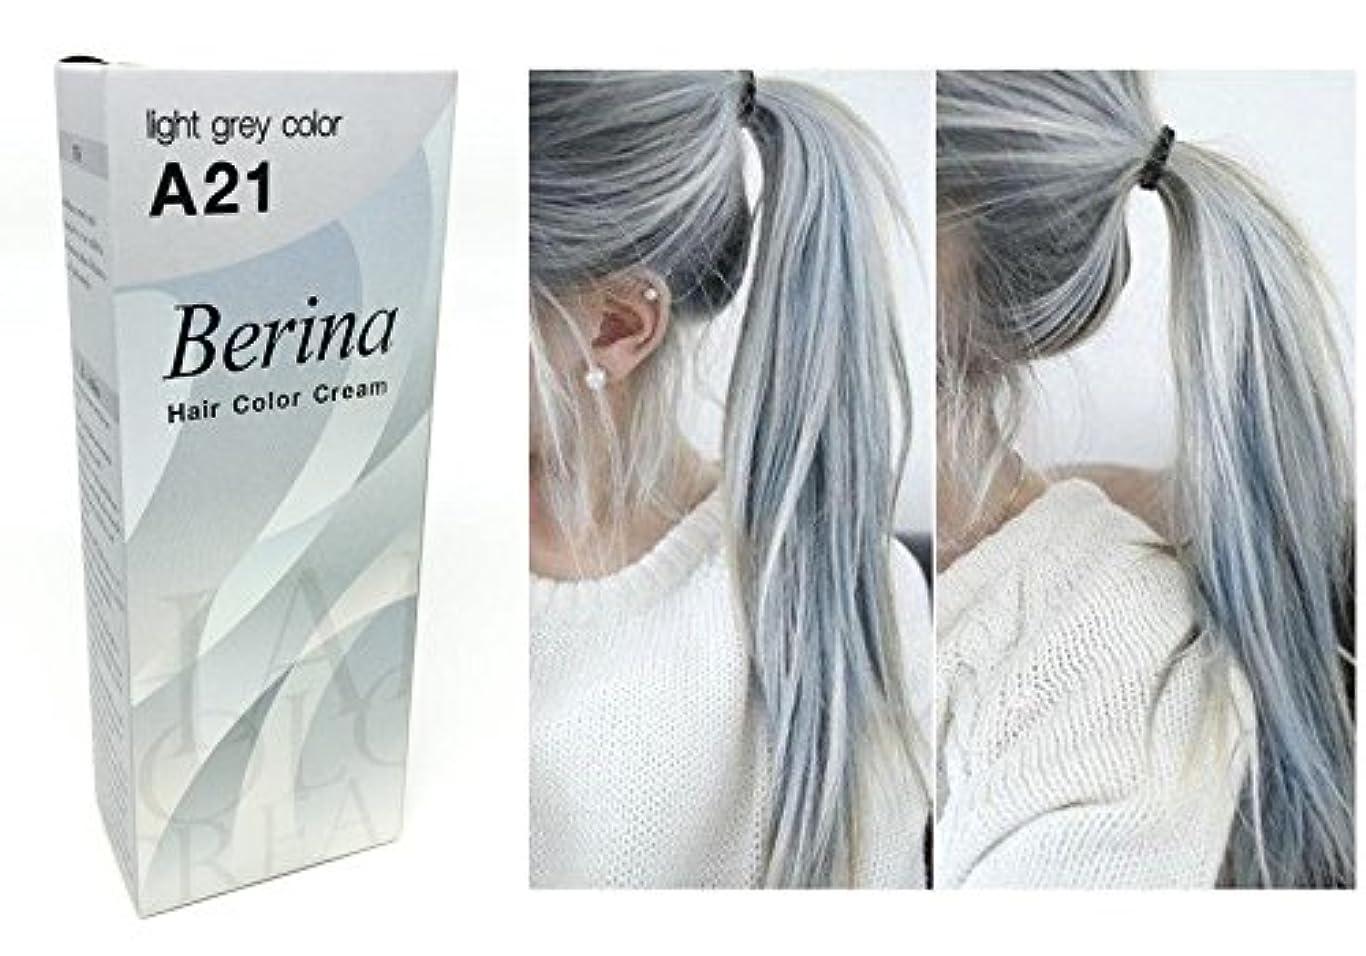 気分が良い明確なパッチBerina a21ライトグレーシルバーPermanent Hair Dyeカラークリームユニセックス – パンクスタイル